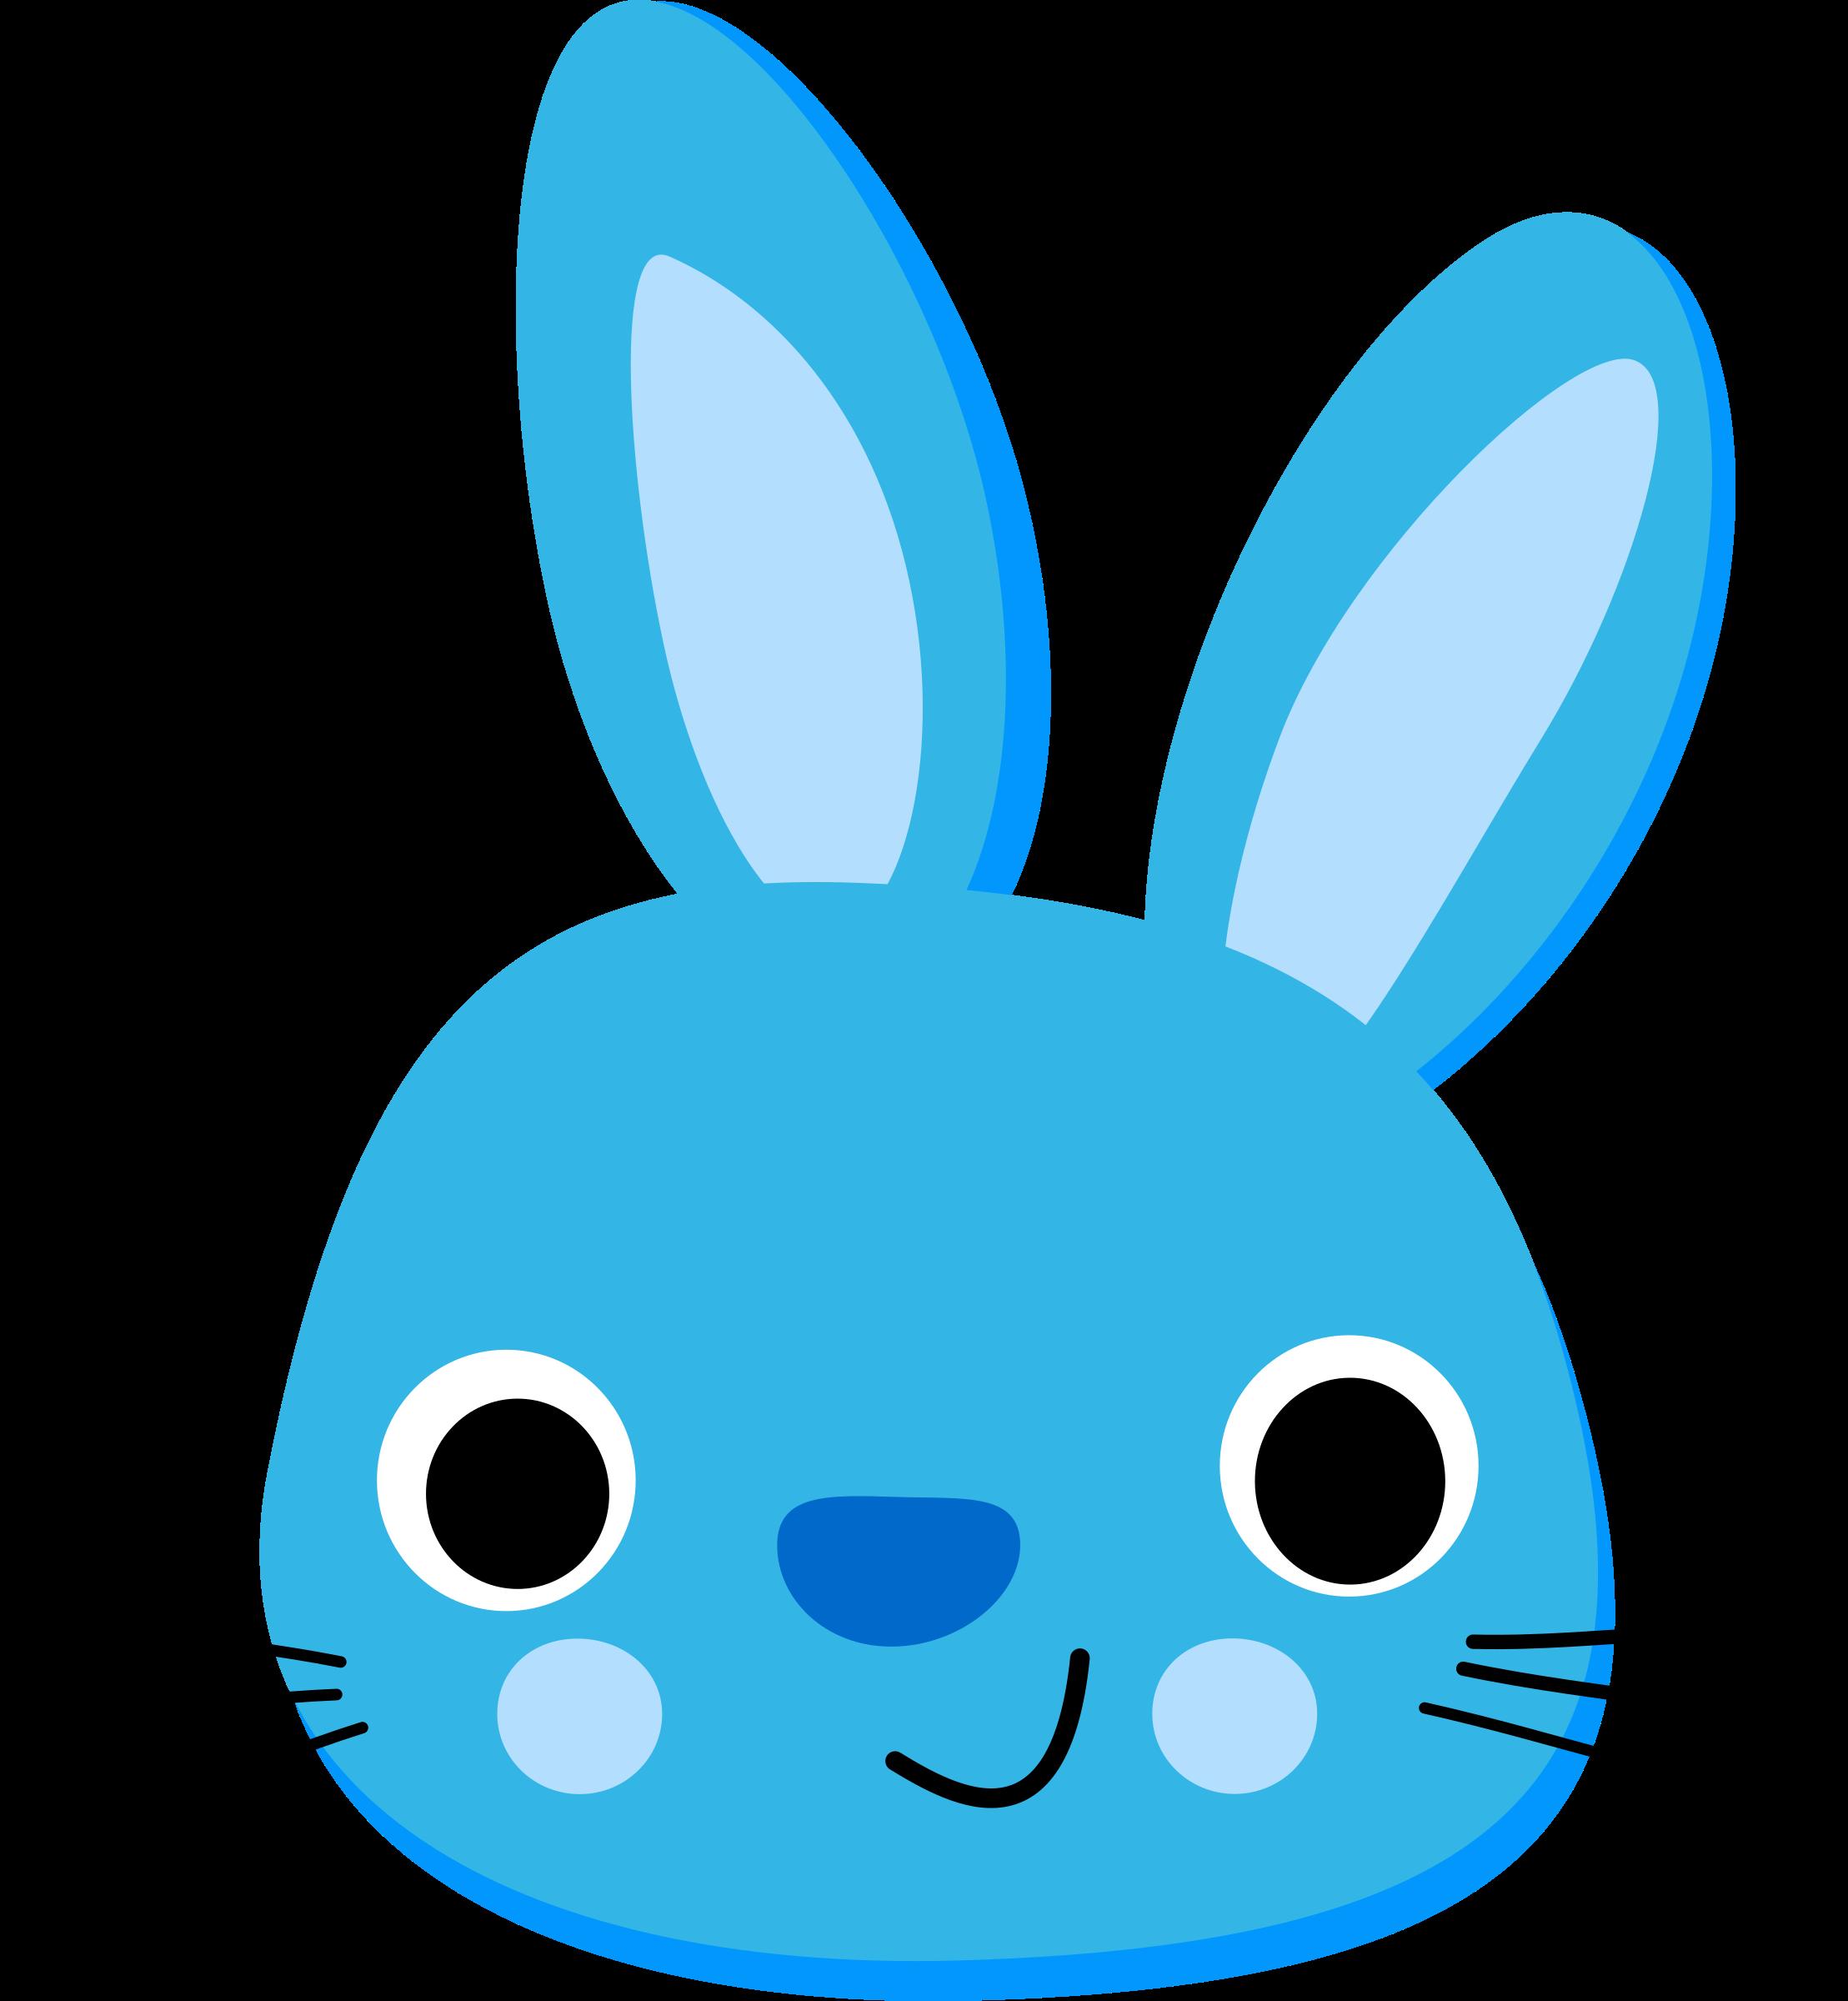 Clipart bunny kawaii. Blue rabbit lapin bleu